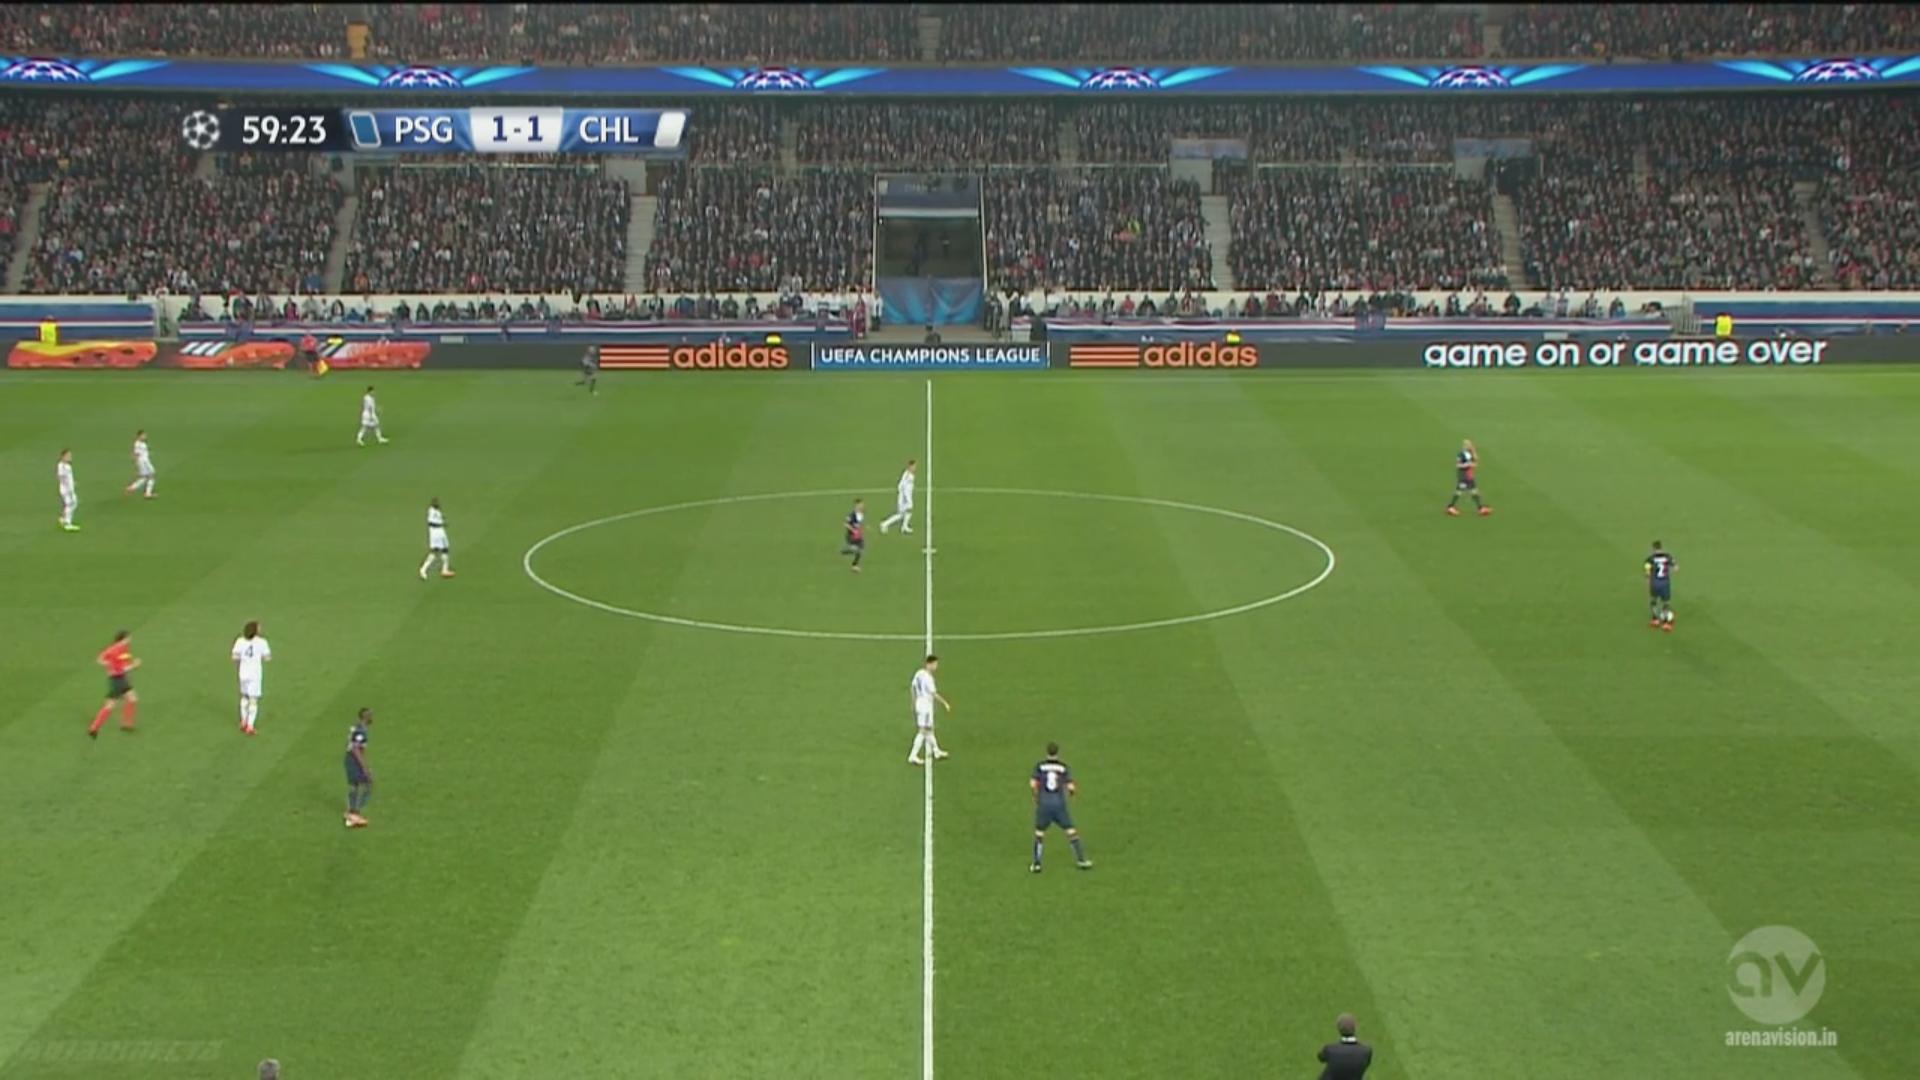 Oscar suit Motta du regard et le marque individuelle. Déplacé latéralement par l'Italien, le Brésilien n'est pas là pour fermer le chemin axiale au PSG, qui saute une première ligne…